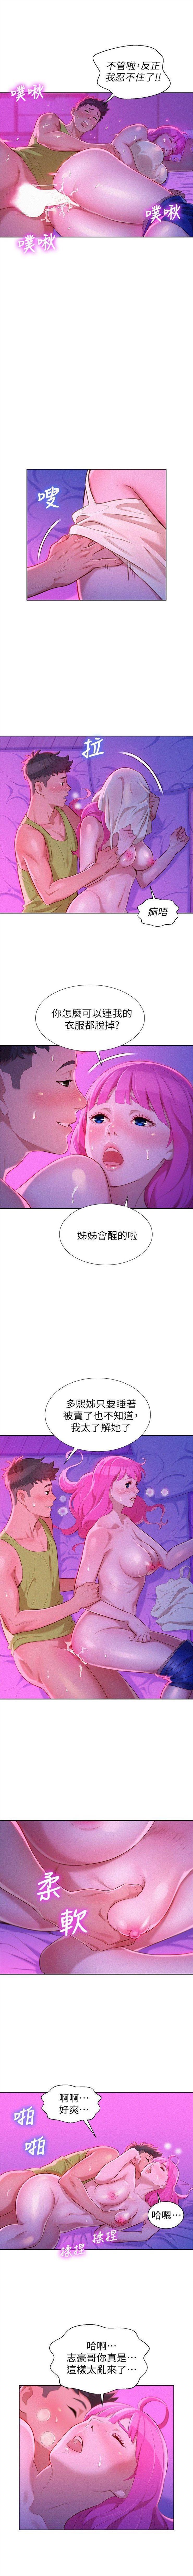 (週7)漂亮幹姐姐  1-92 中文翻譯 (更新中) 83